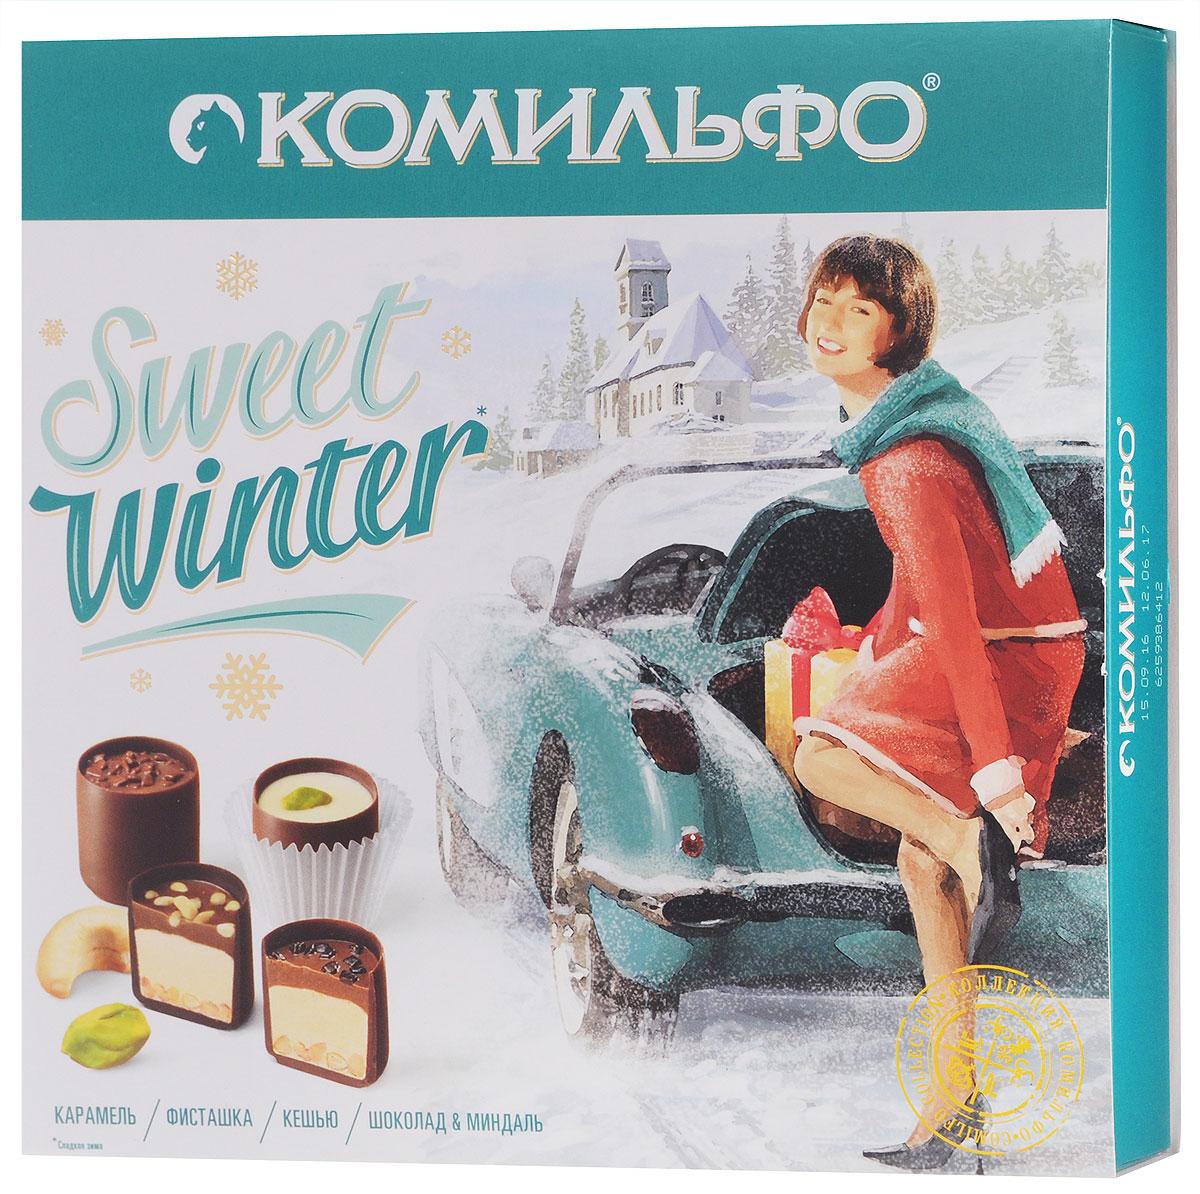 Комильфо Sweet Winter шоколадные конфеты ассорти, 232 г 12287017